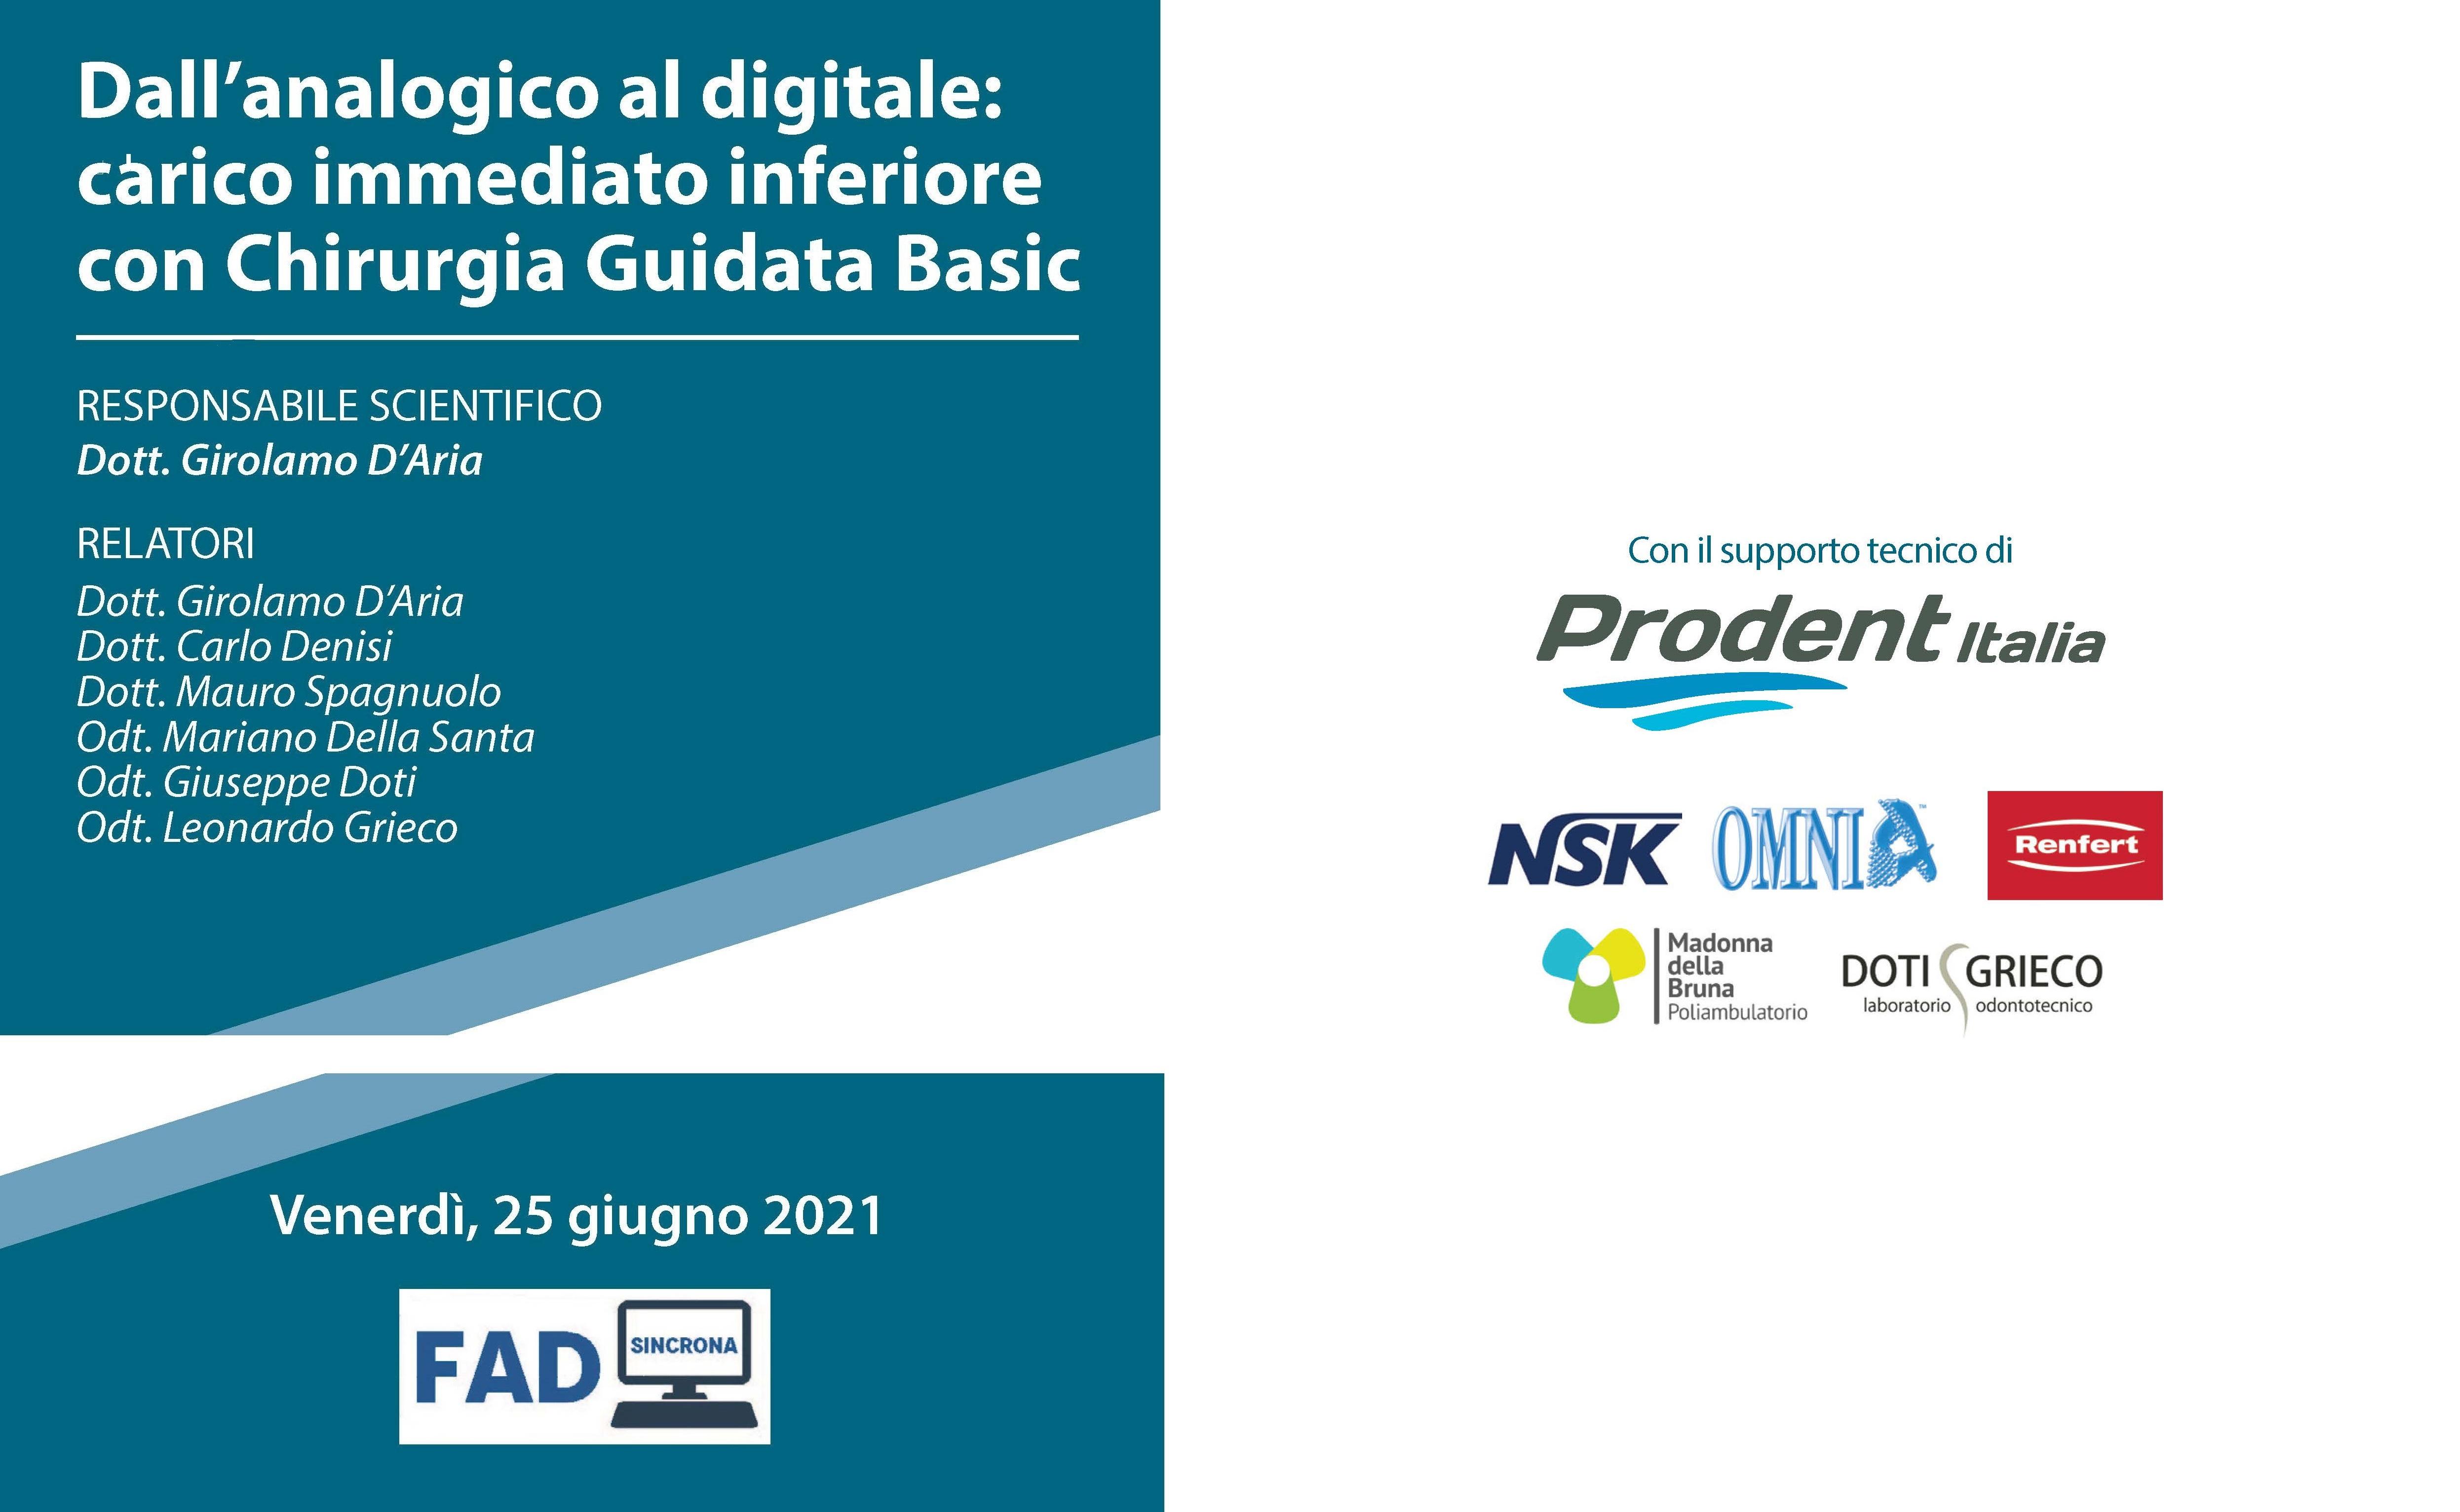 Course Image DALL'ANALOGICO AL DIGITALE: CARICO IMMEDIATO INFERIORE CON CHIRURGIA GUIDATA BASIC